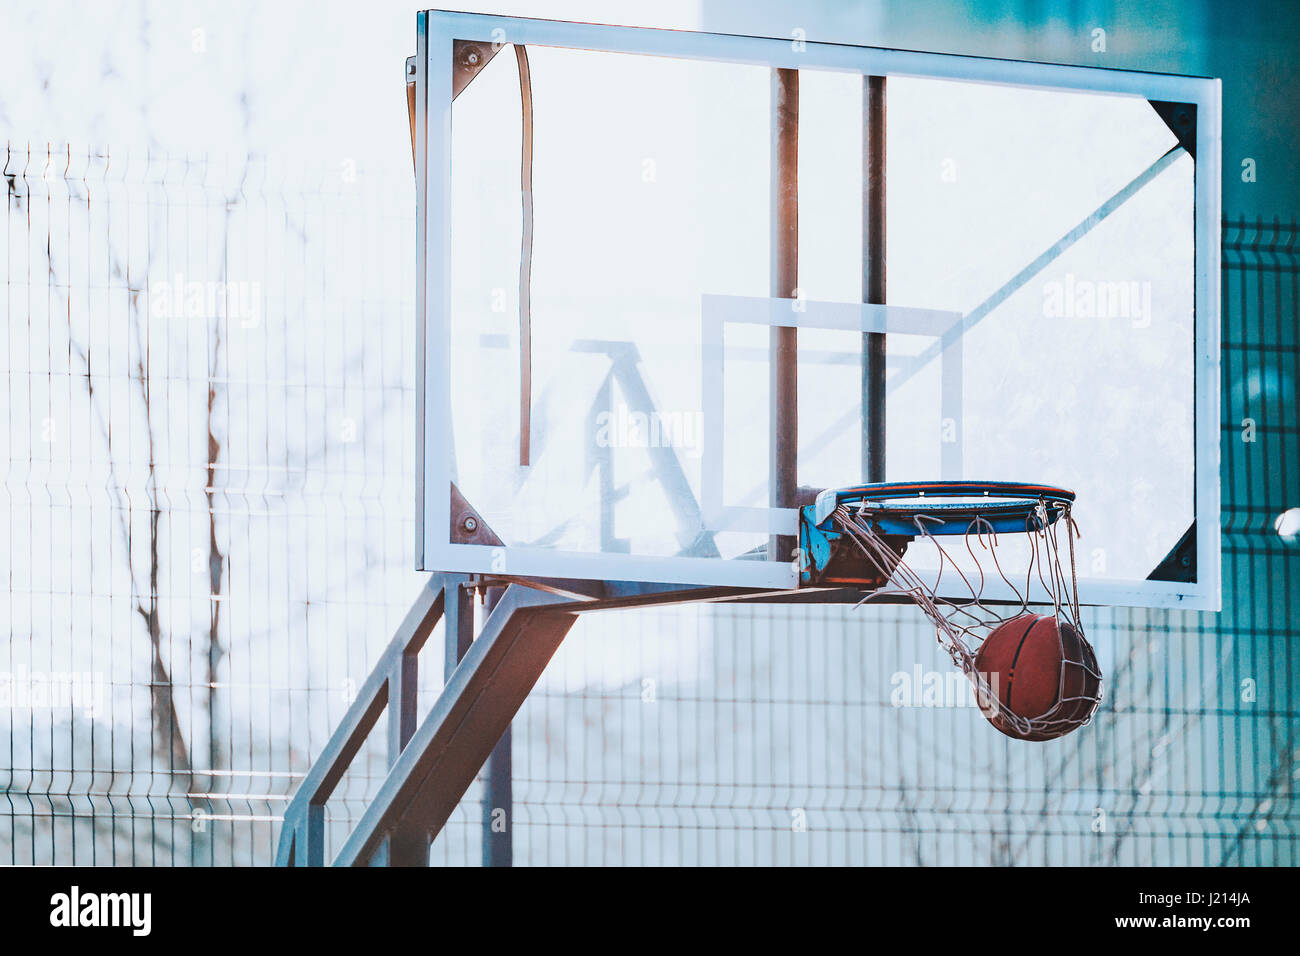 Immagine di sfondo del campo giochi pallacanestro Immagini Stock